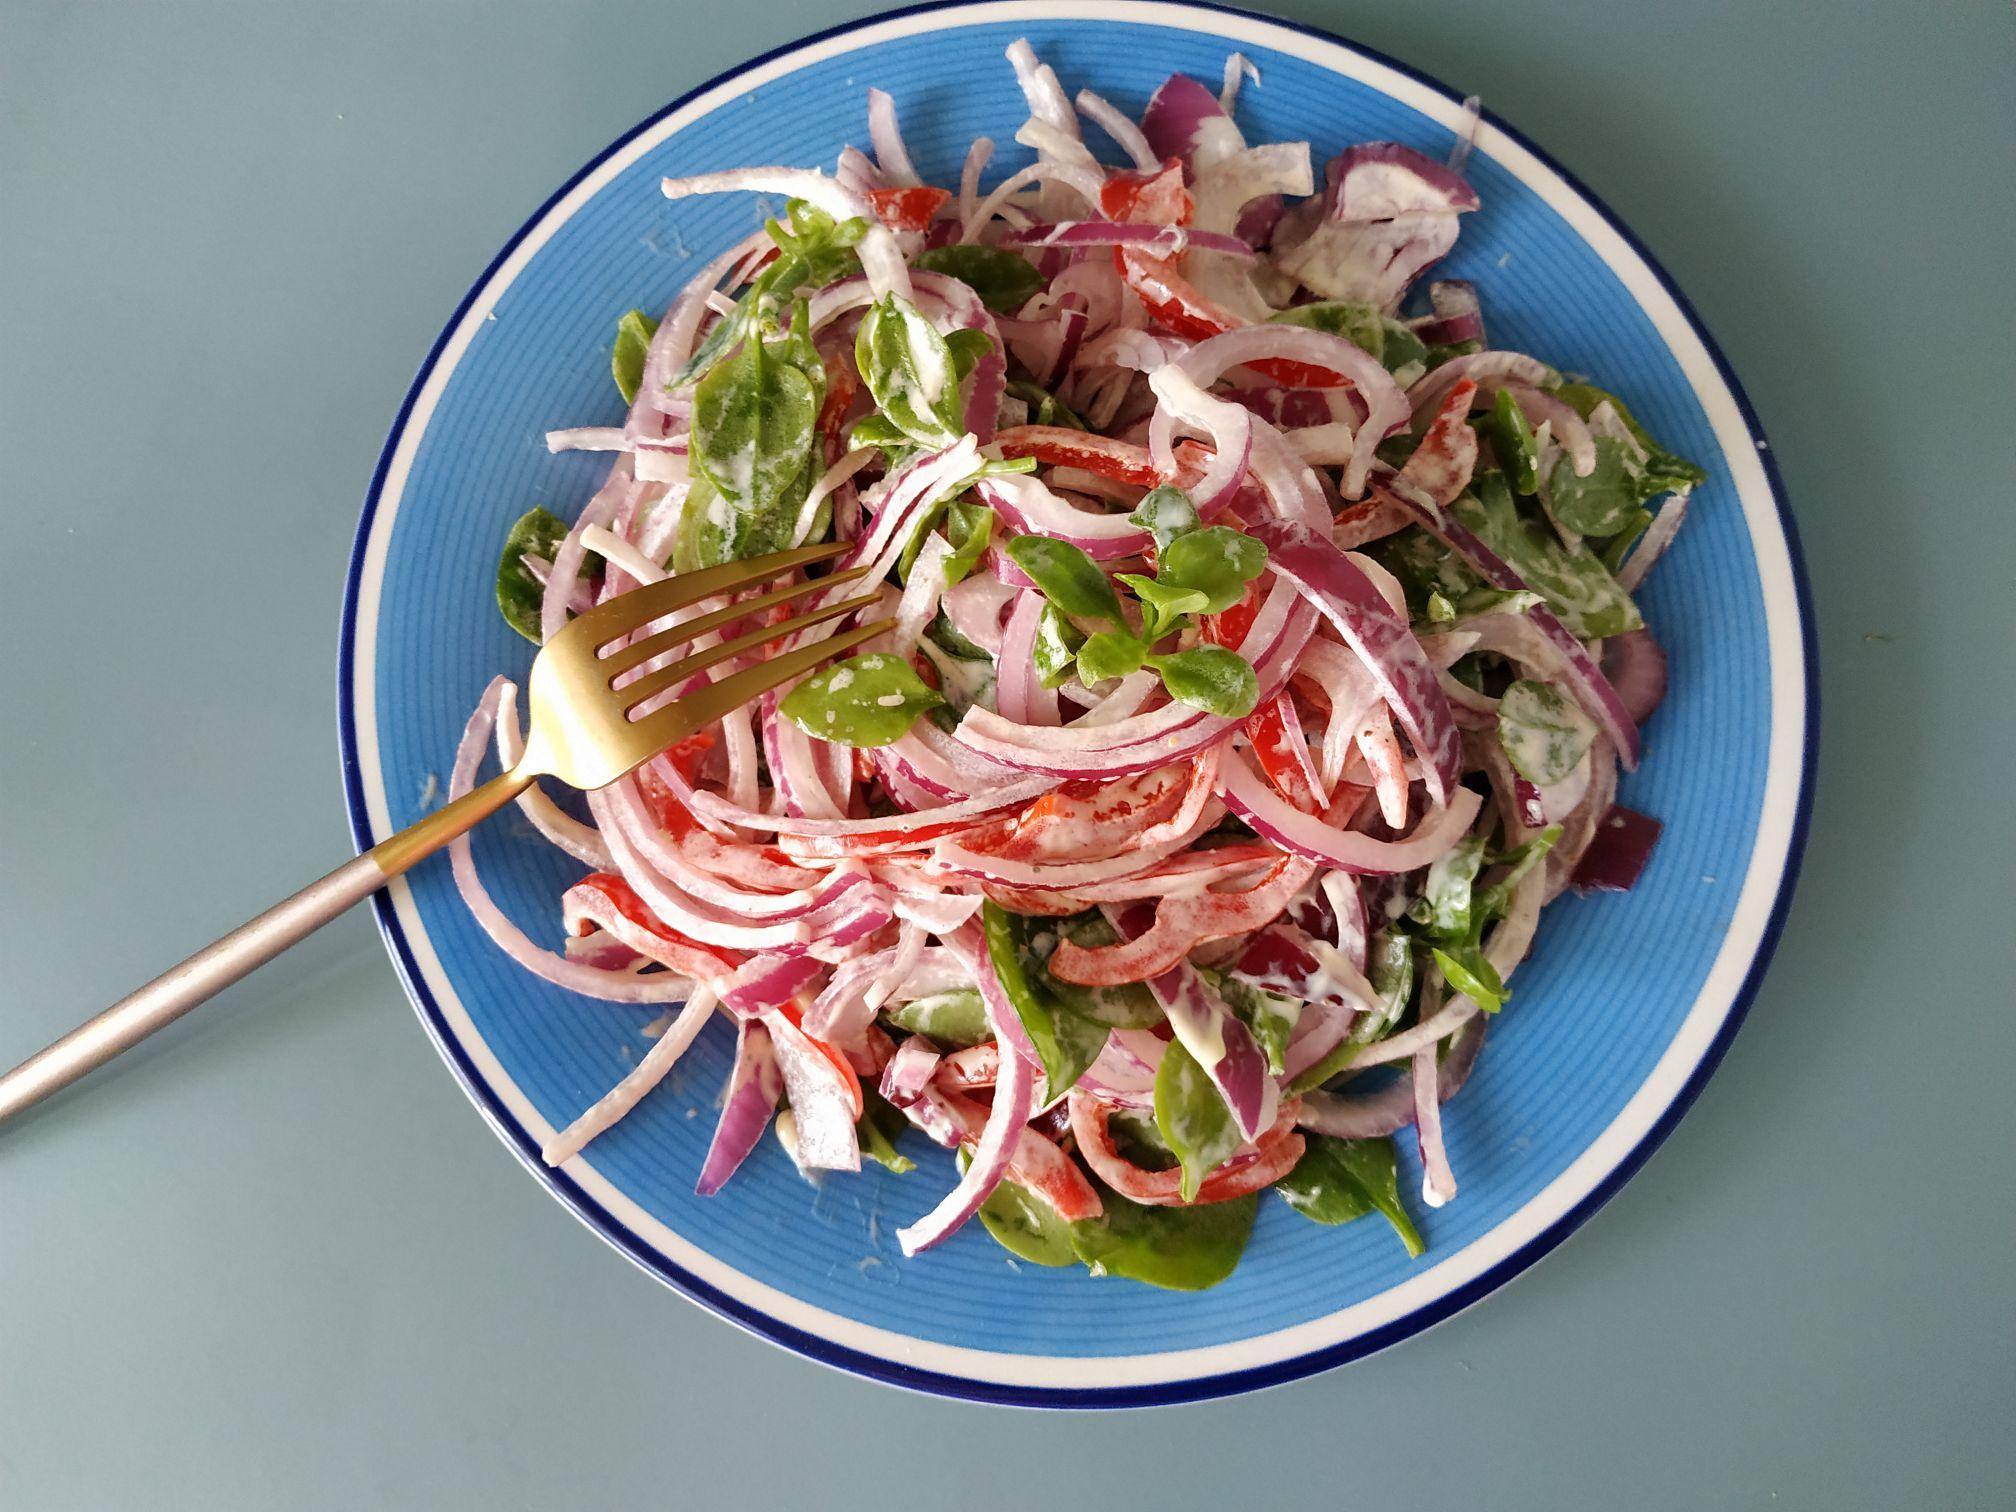 秋天多吃低脂低热菜,拌沙拉成品图